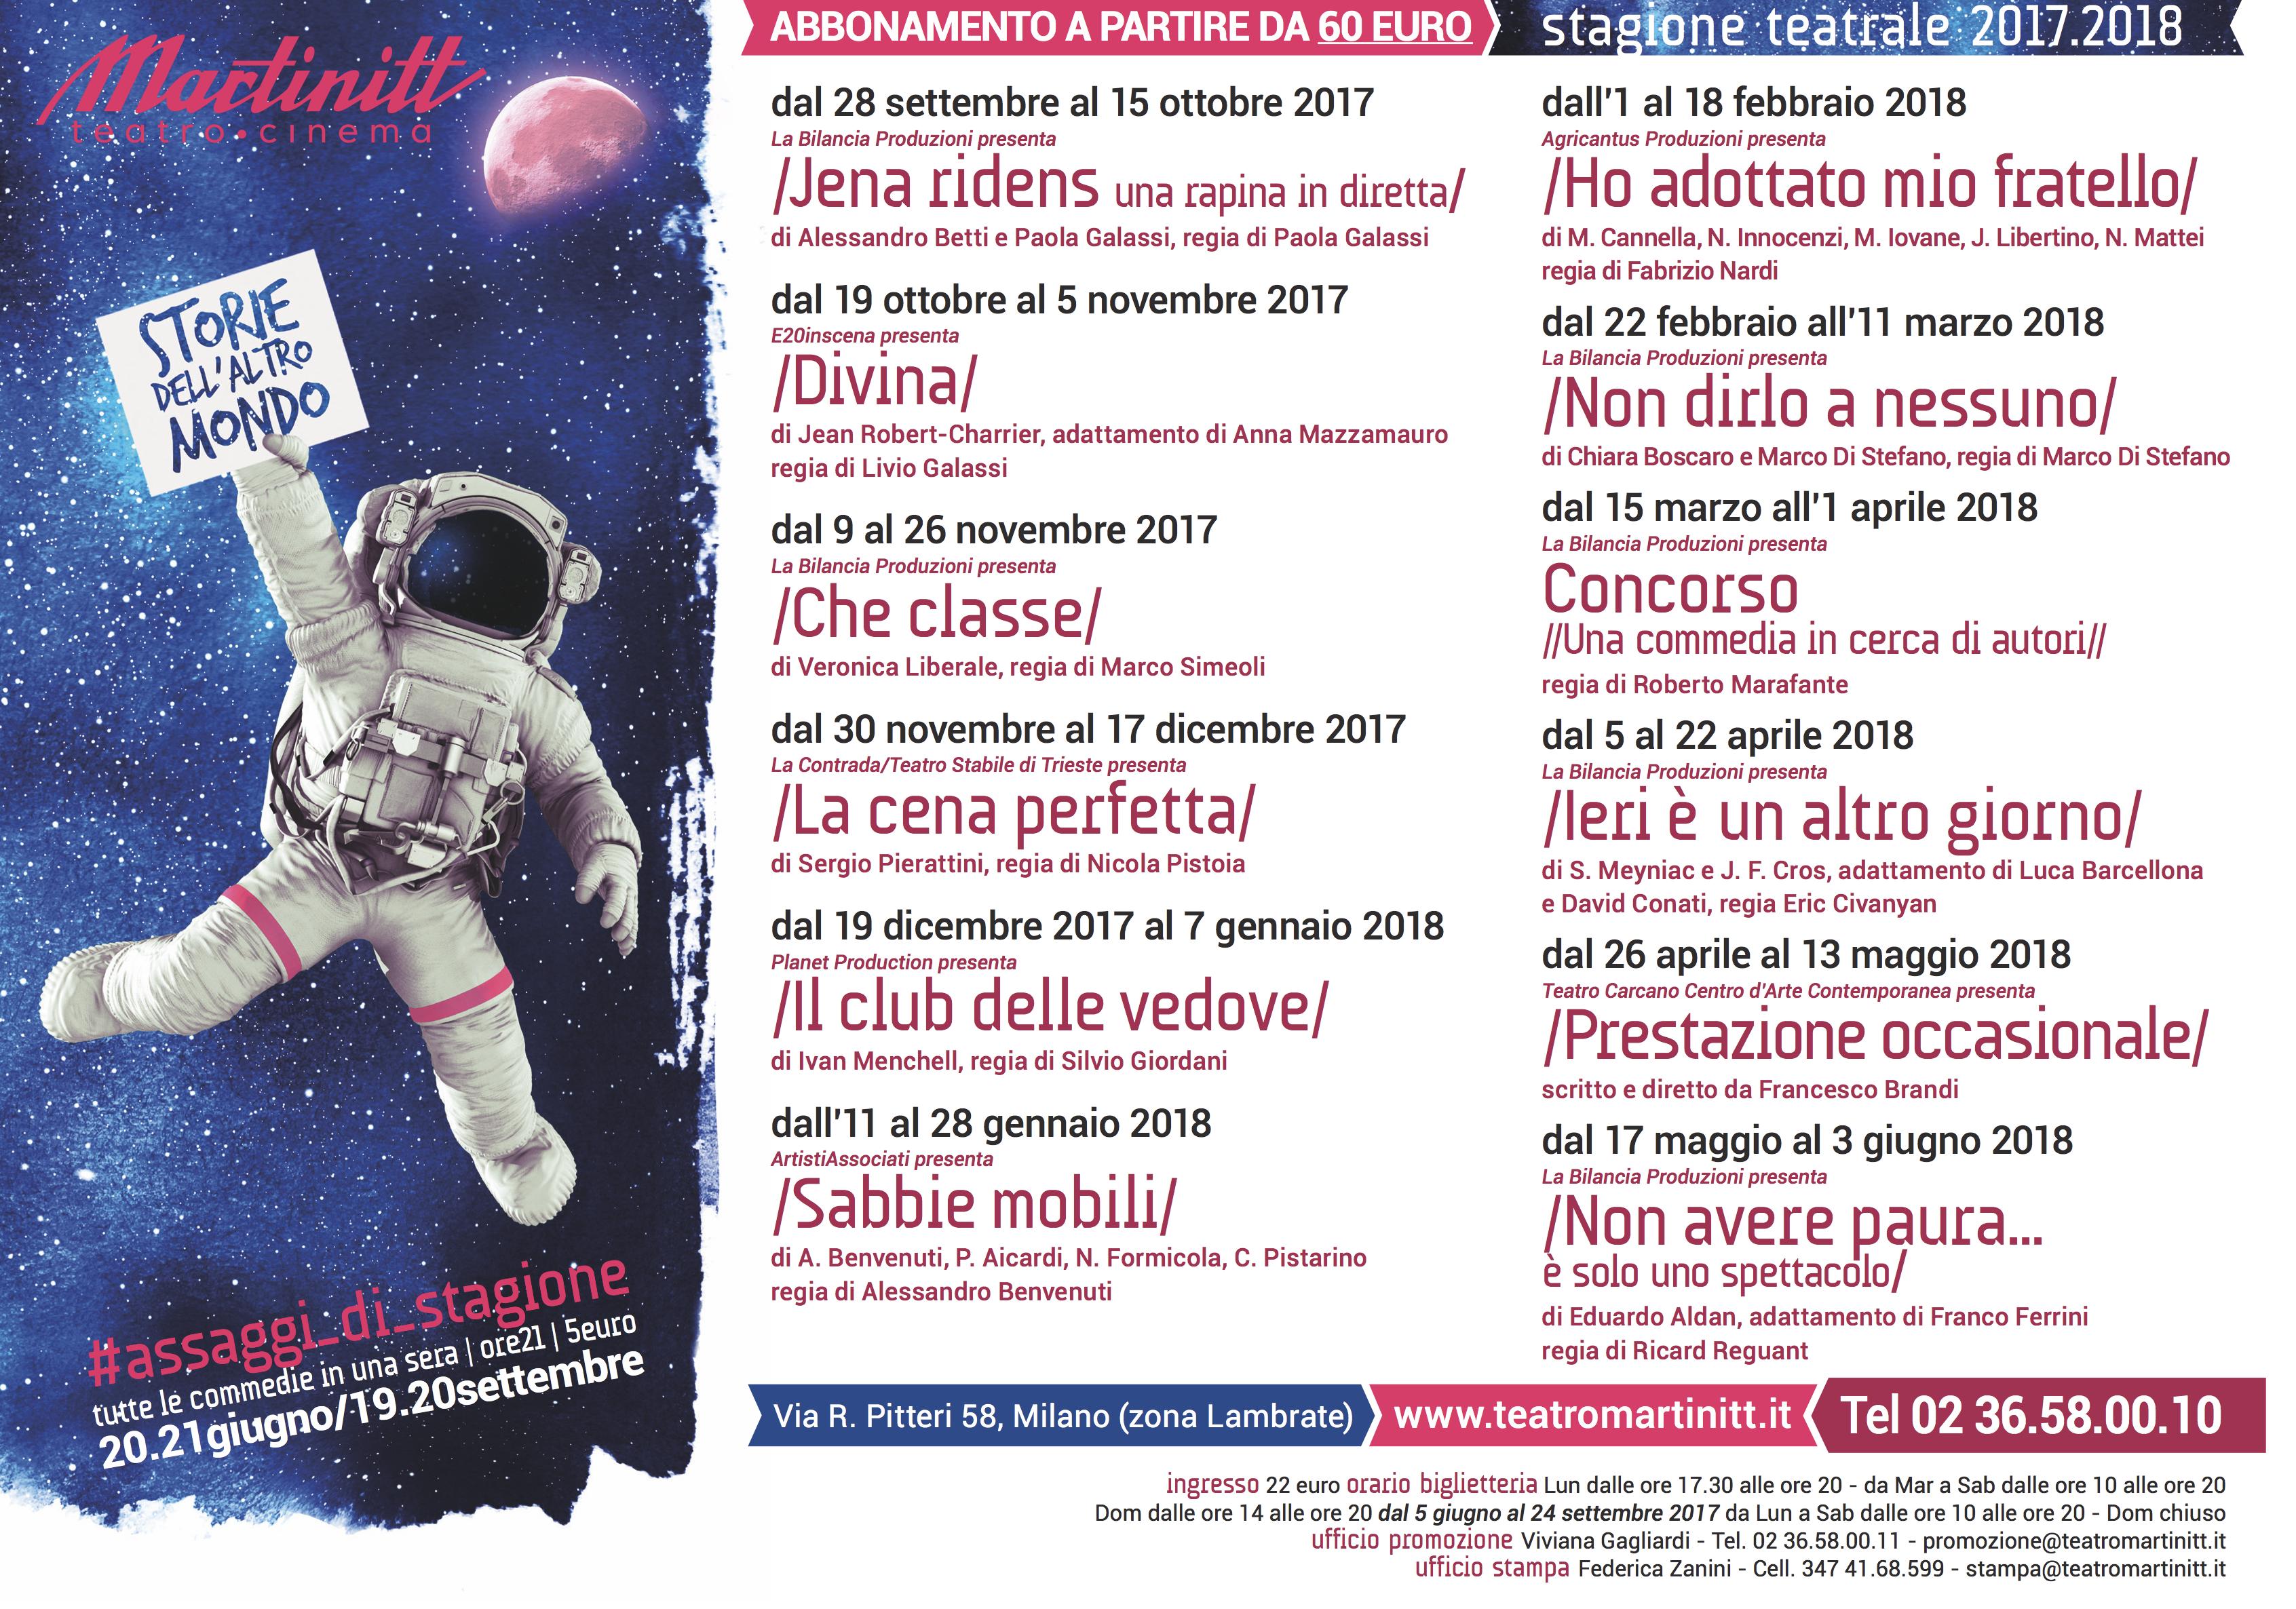 Teatro Martinitt 2017-2018 grandi nomi tra risate e quotidianita'